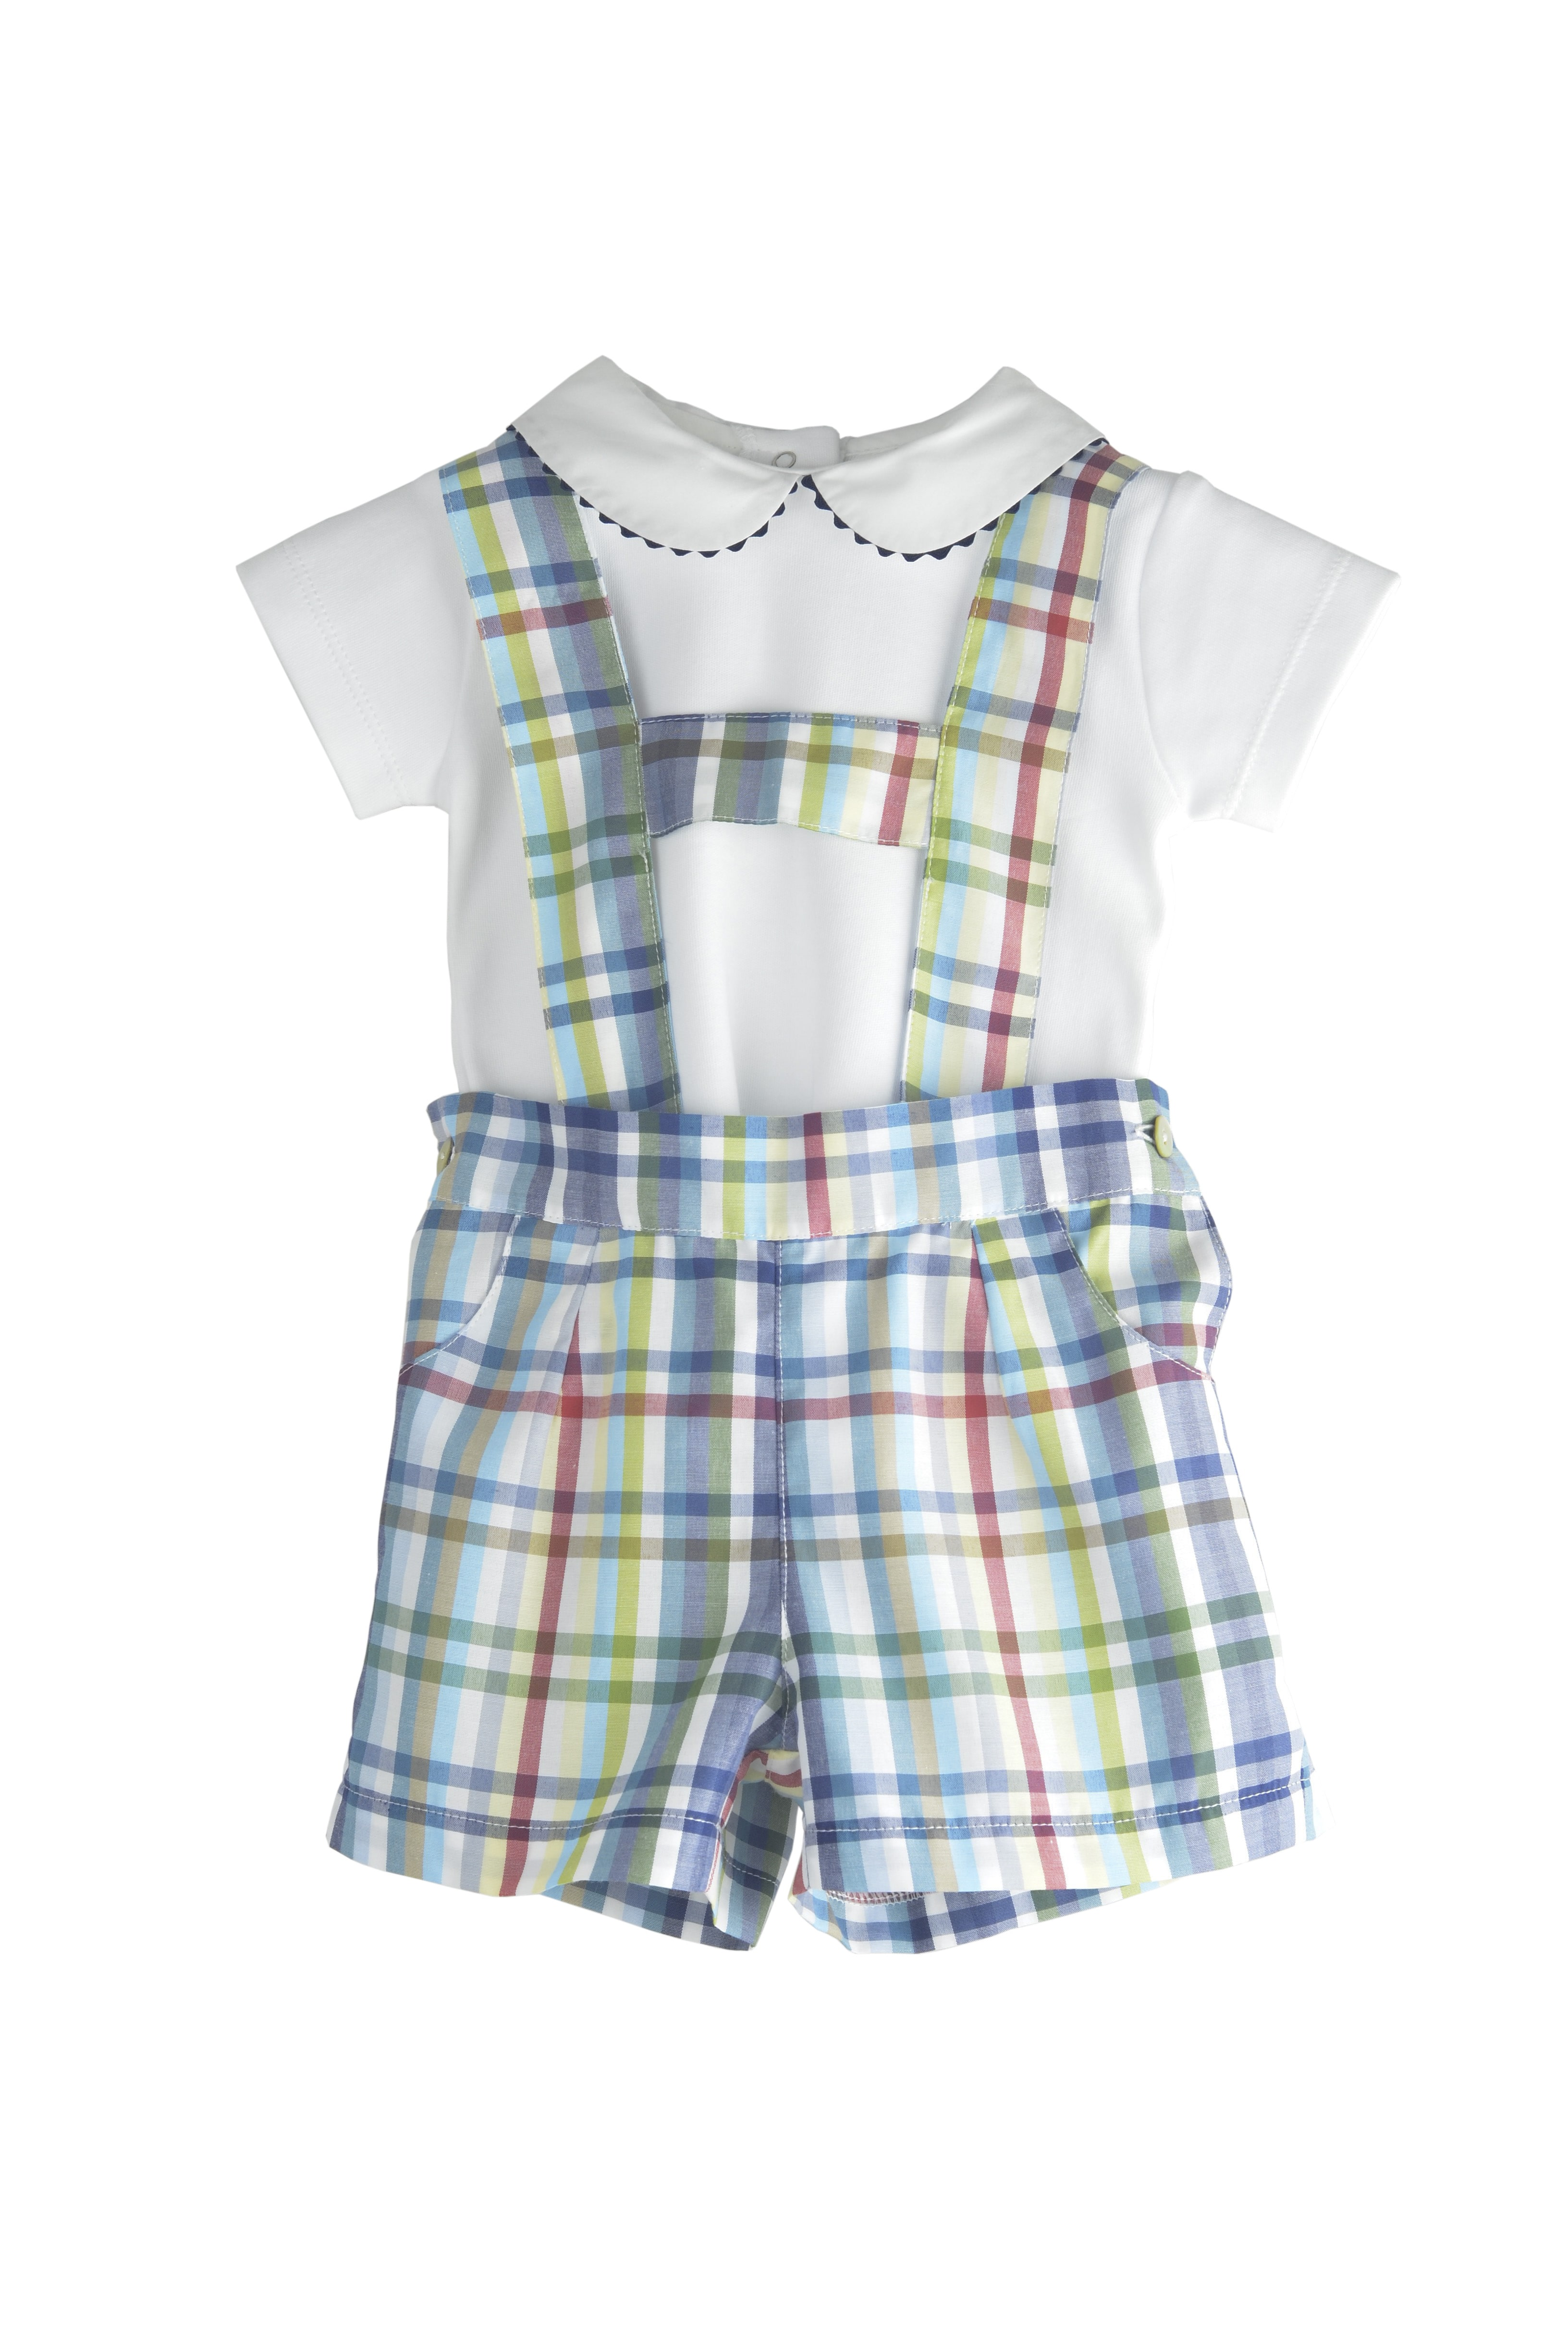 3458d254359e New Born Baby Dress Online Shopping